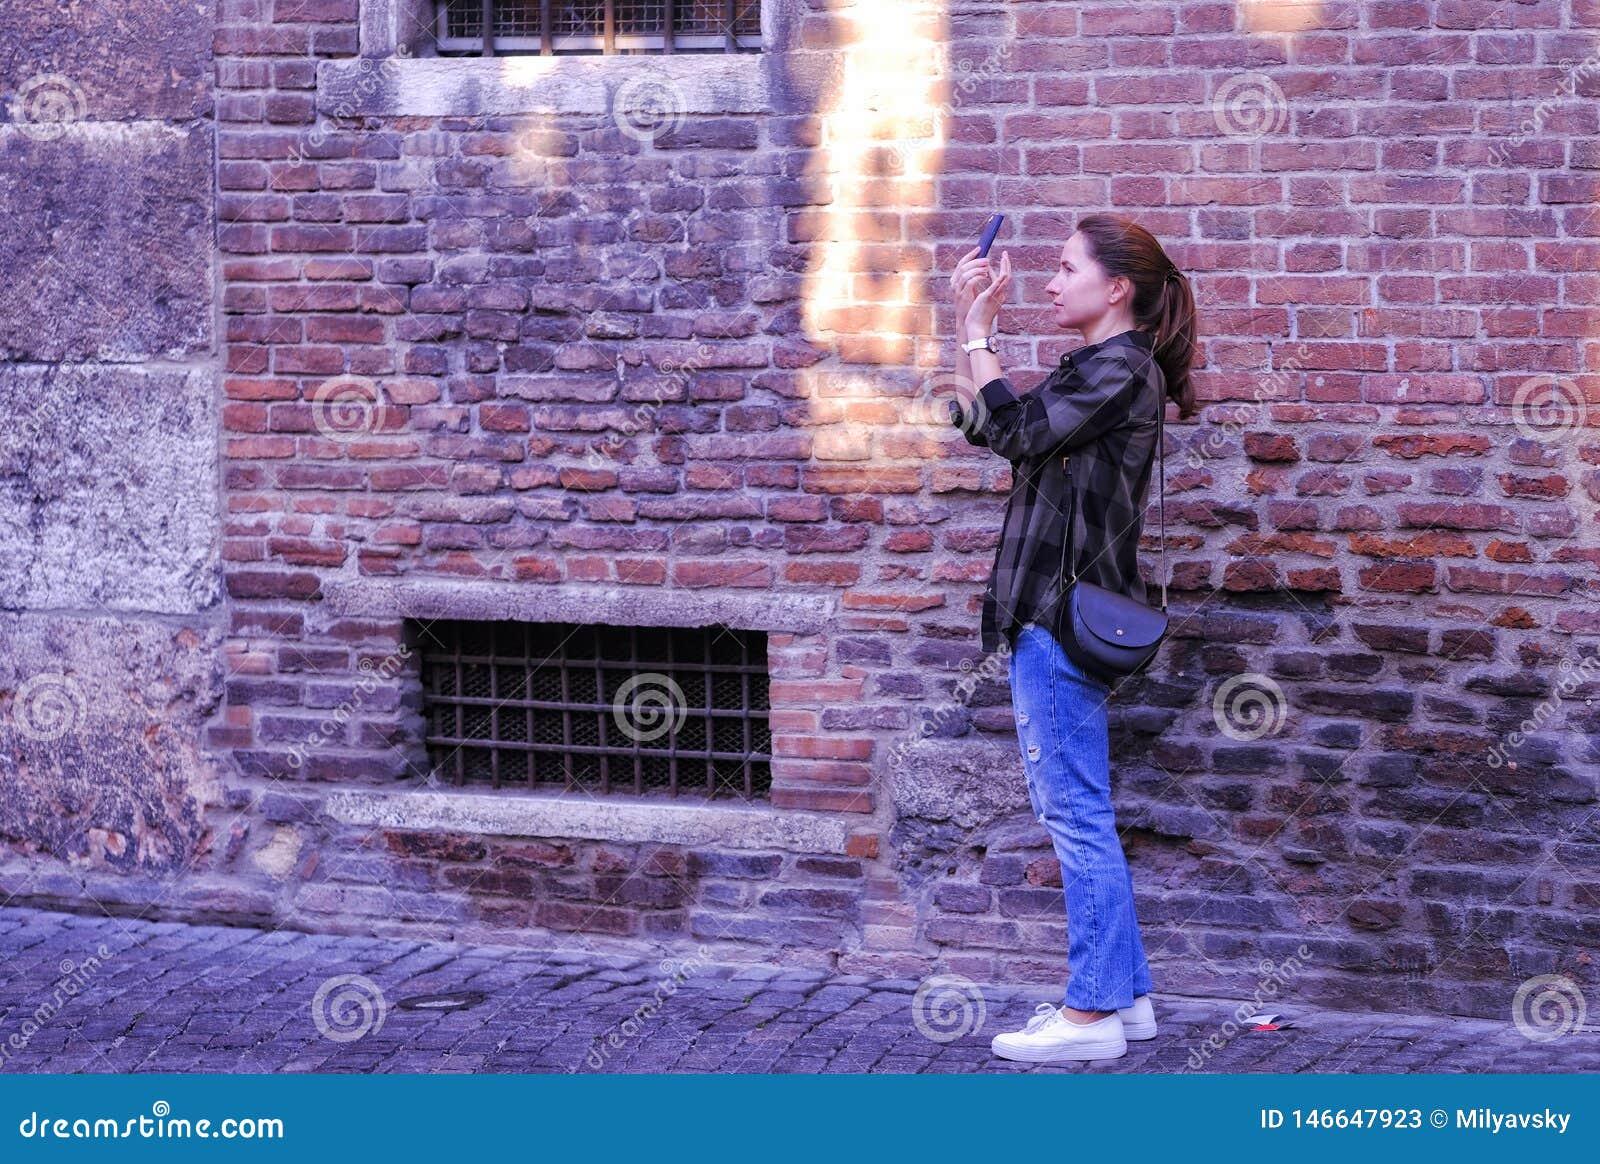 Снимать что-то на смартфоне, кирпичная стена